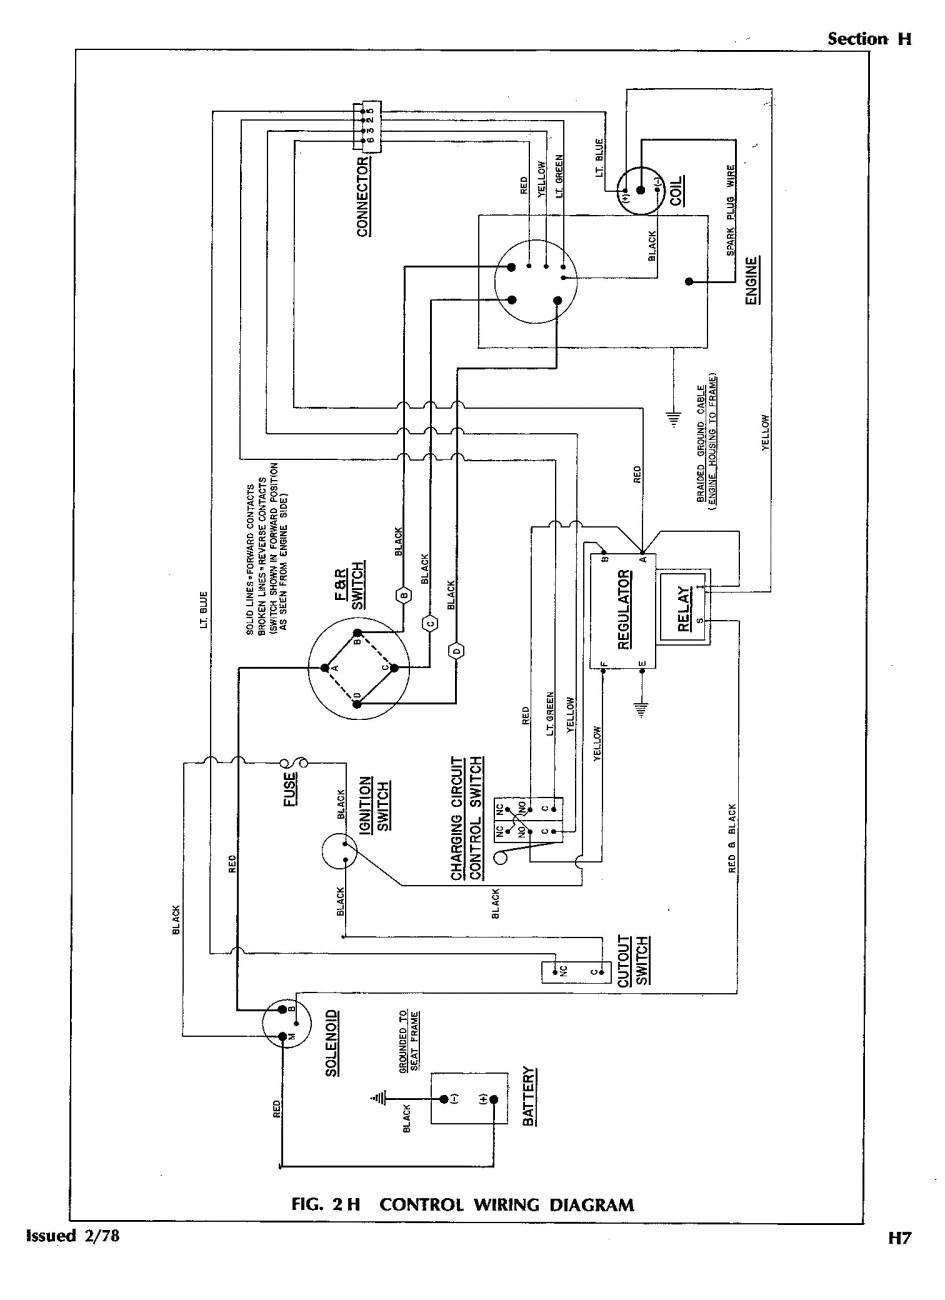 1998 ezgo wiring diagram blog wiring diagram diagram also wind turbine wiring on ez go blog